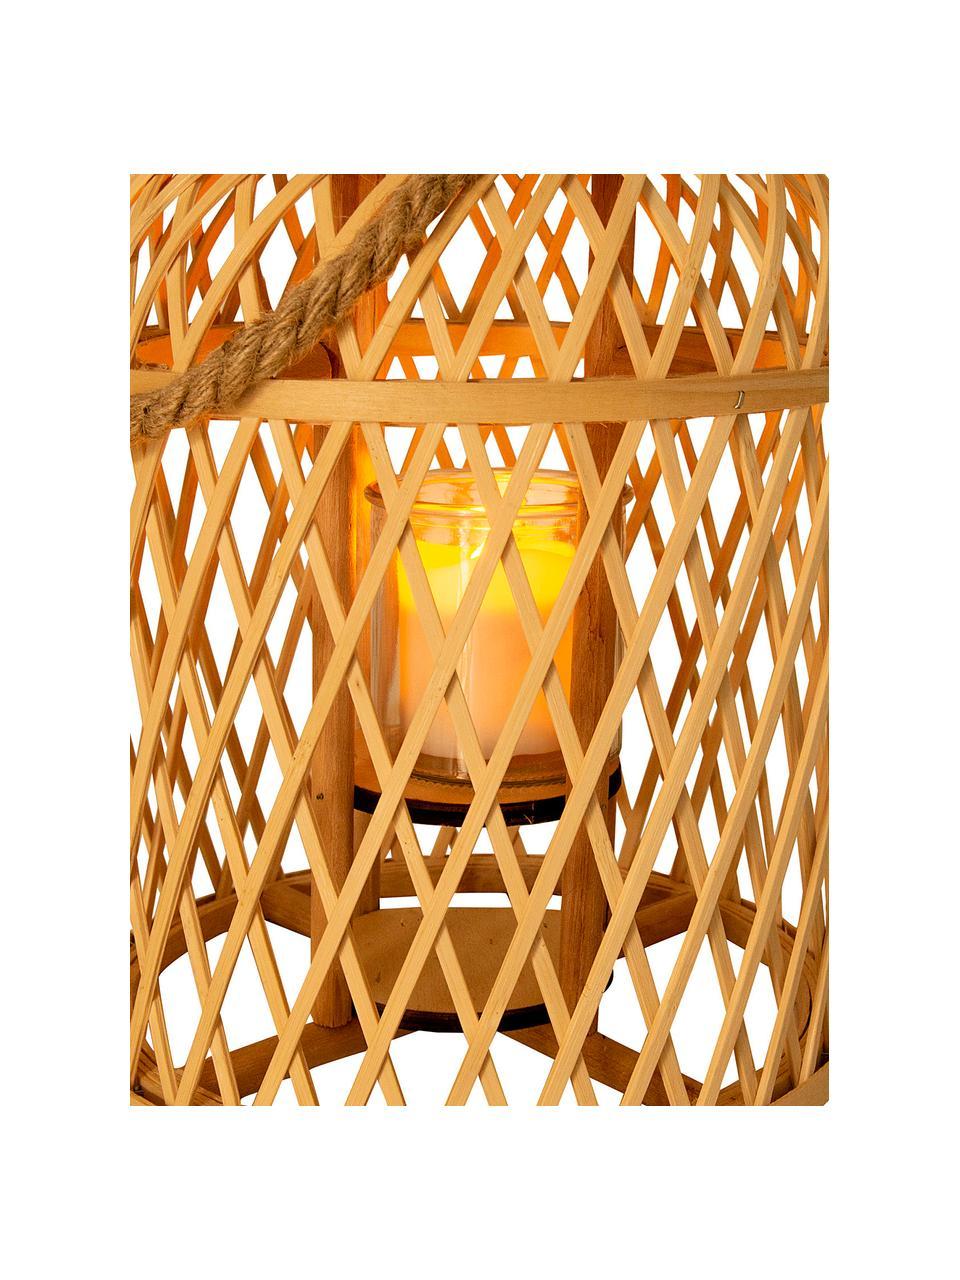 Solární LED svítidlo Korab, Hnědá